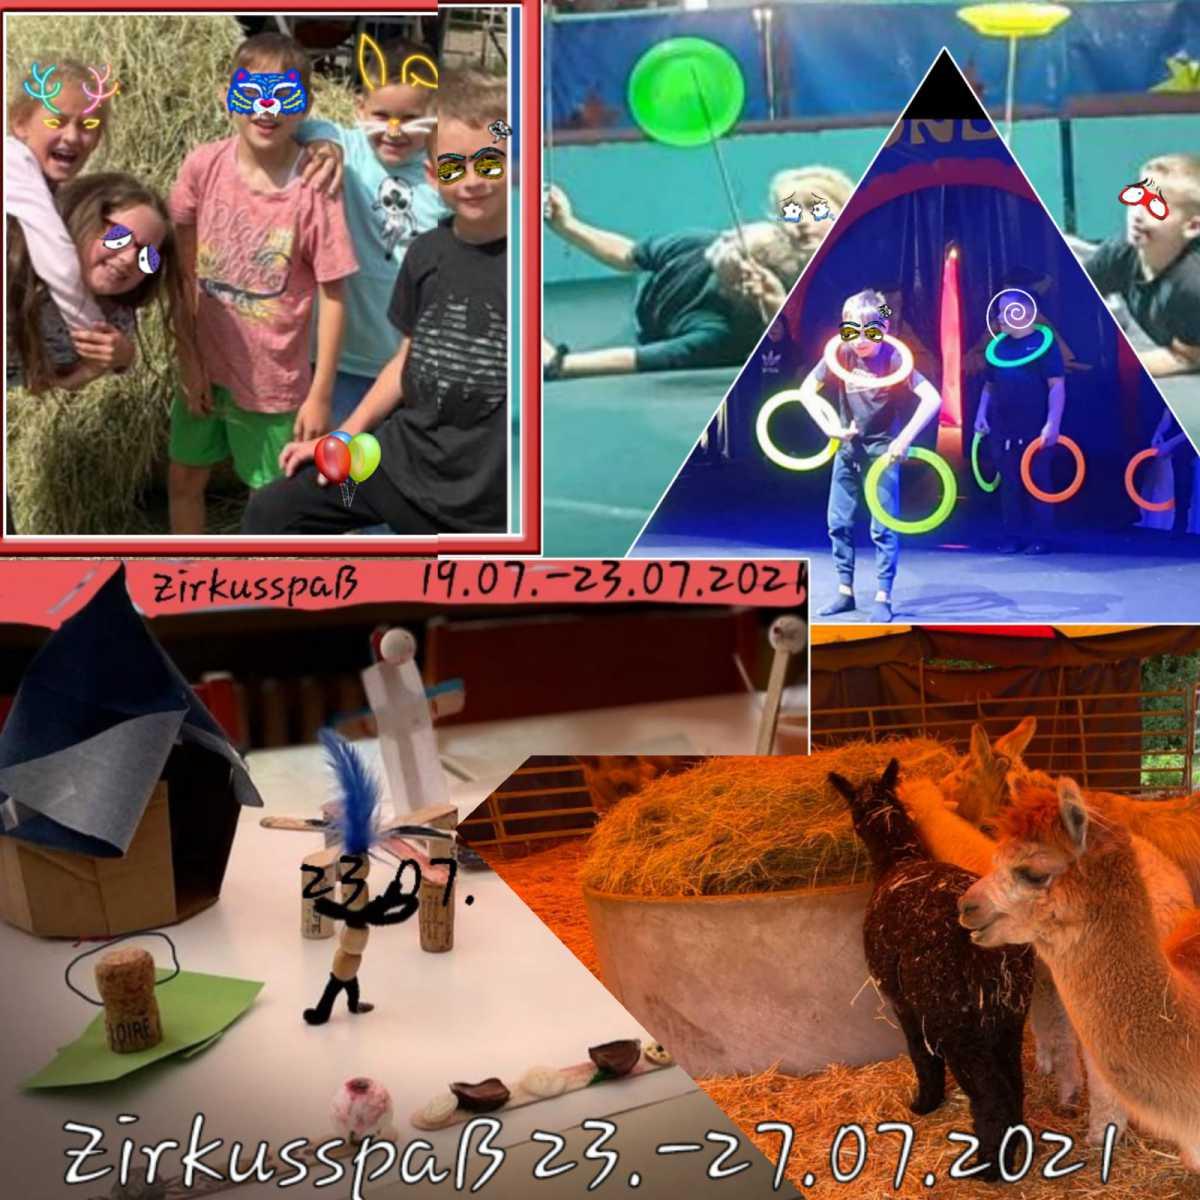 PHOTO-2021-08-03-08-46-56-5